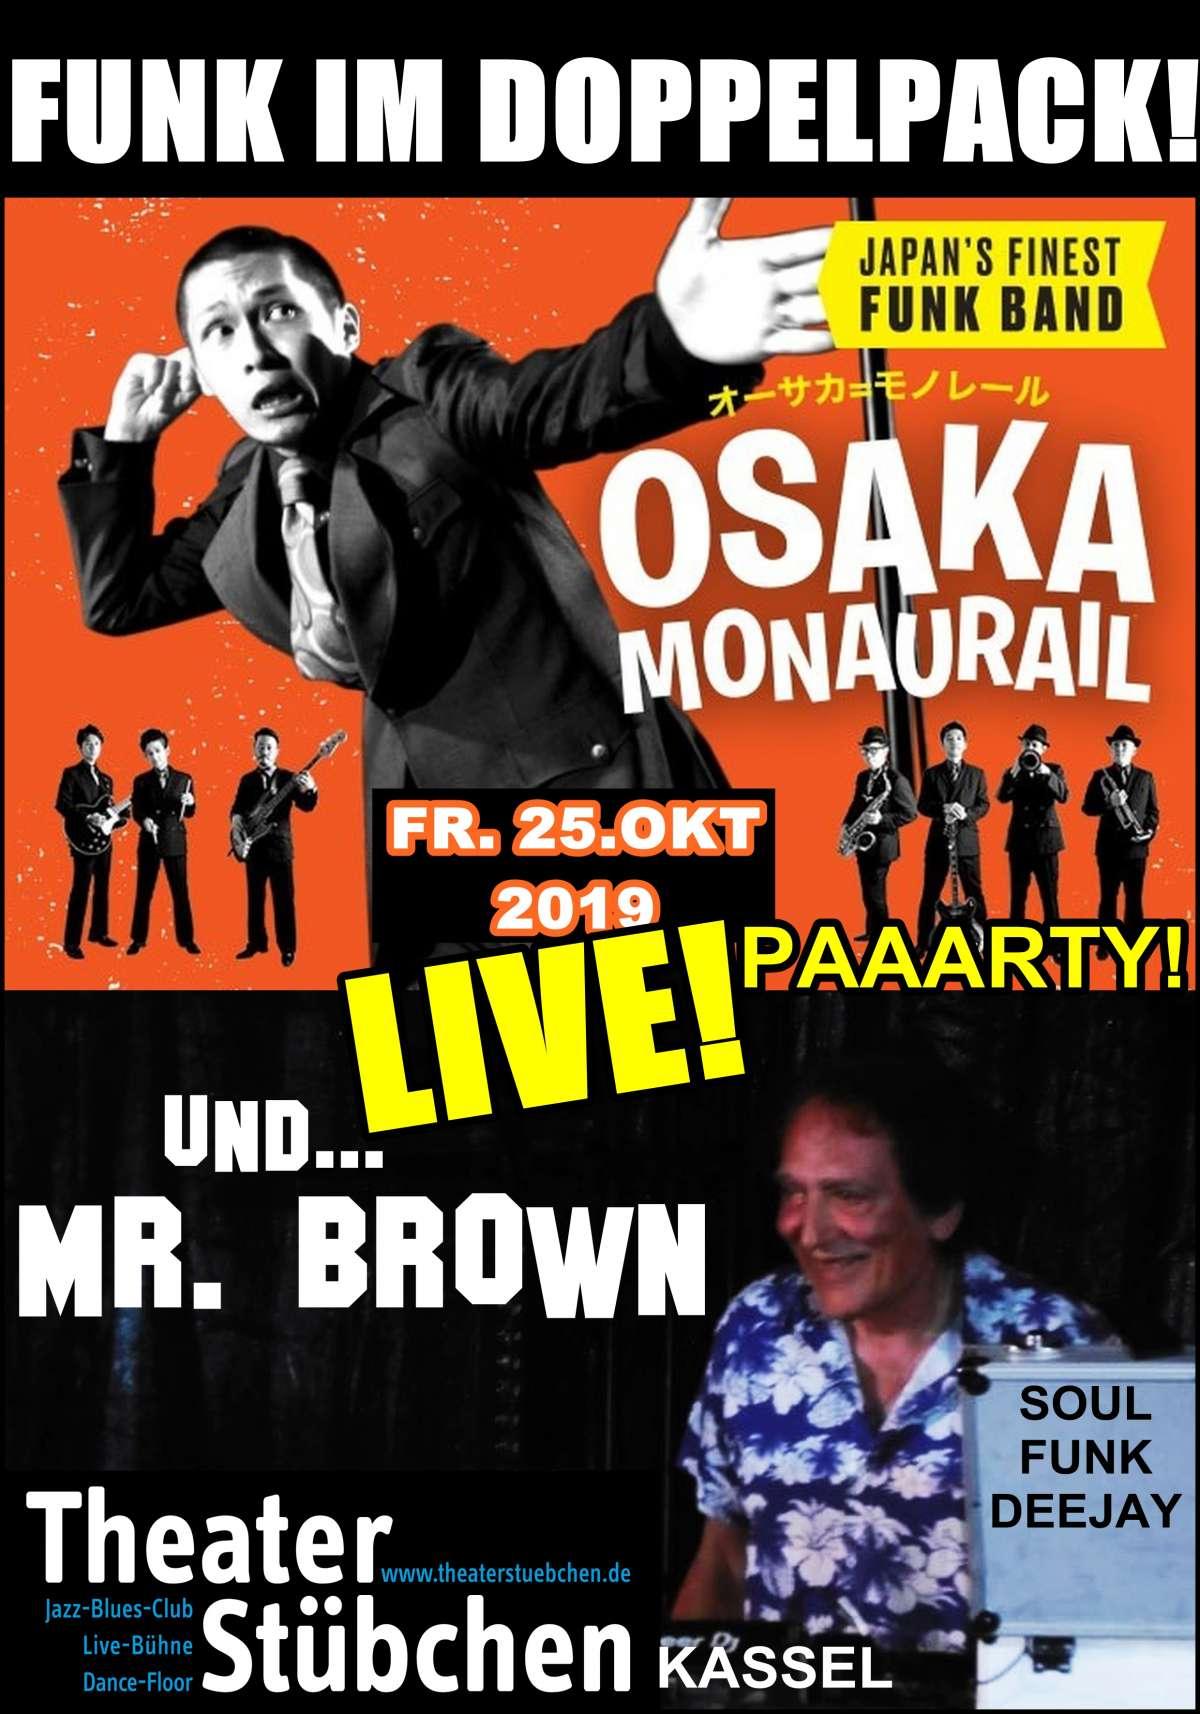 Funk Party mit Live Show - OSAKA MONAURAIL (Japan) & Mr. Brown - Theaterstübchen - Kassel